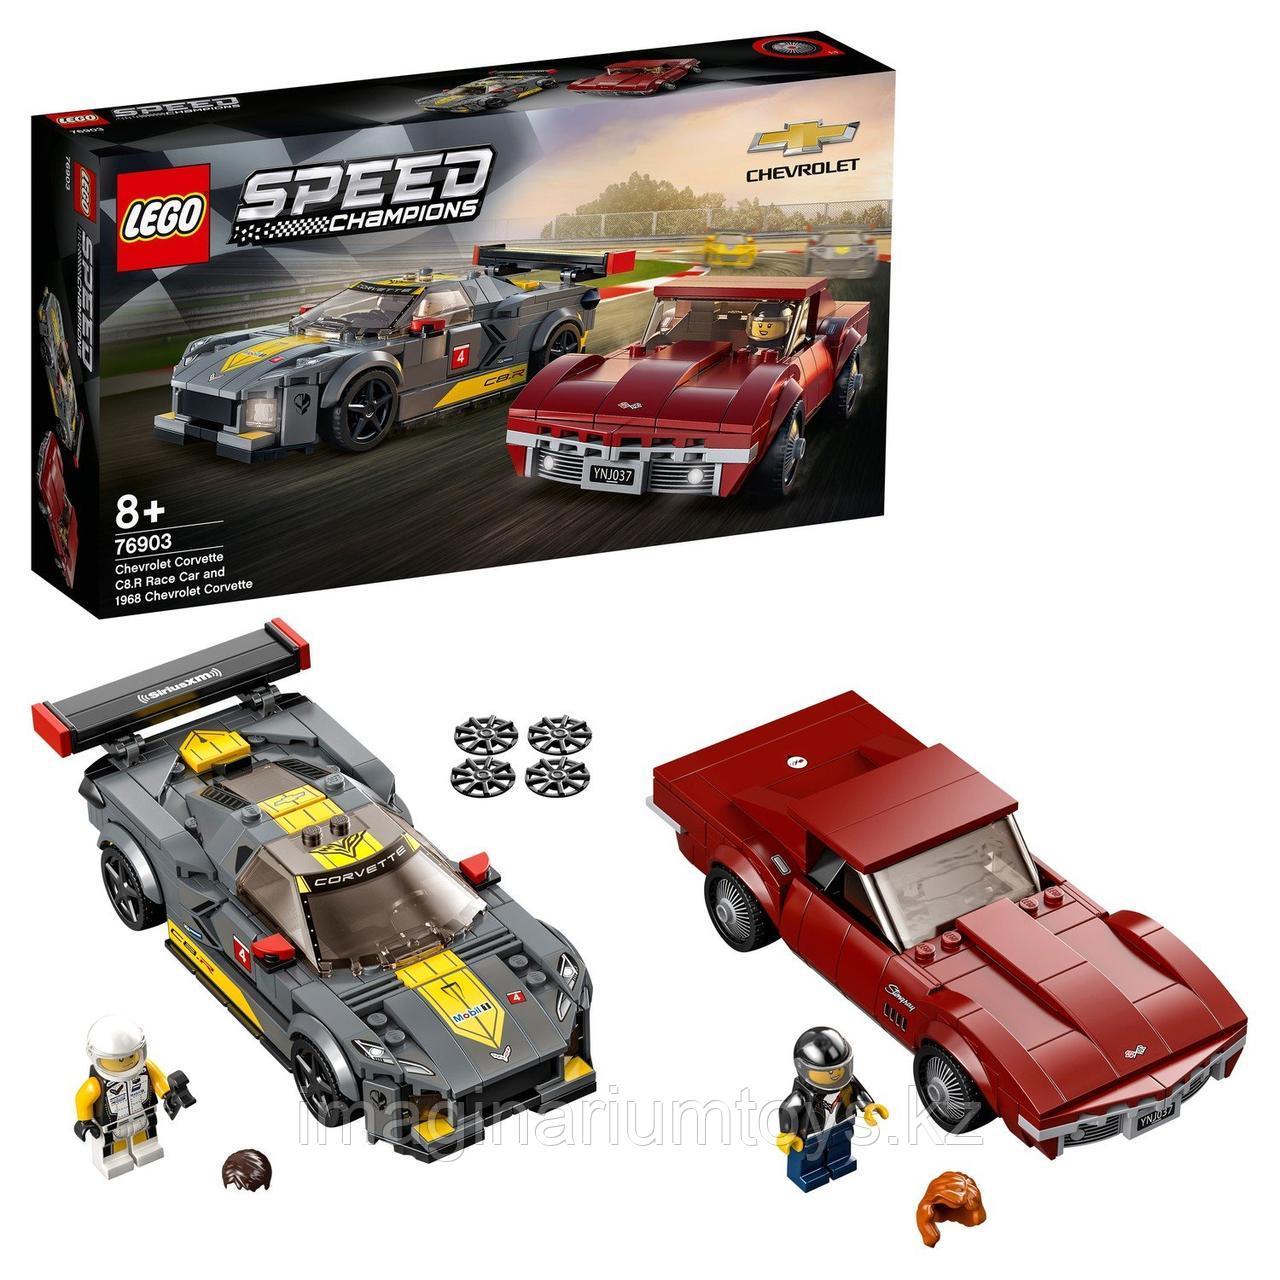 Конструктор LEGO Speed Champions Chevrolet Corvette C8.R Race Car и 1968 Chevrolet Corvette